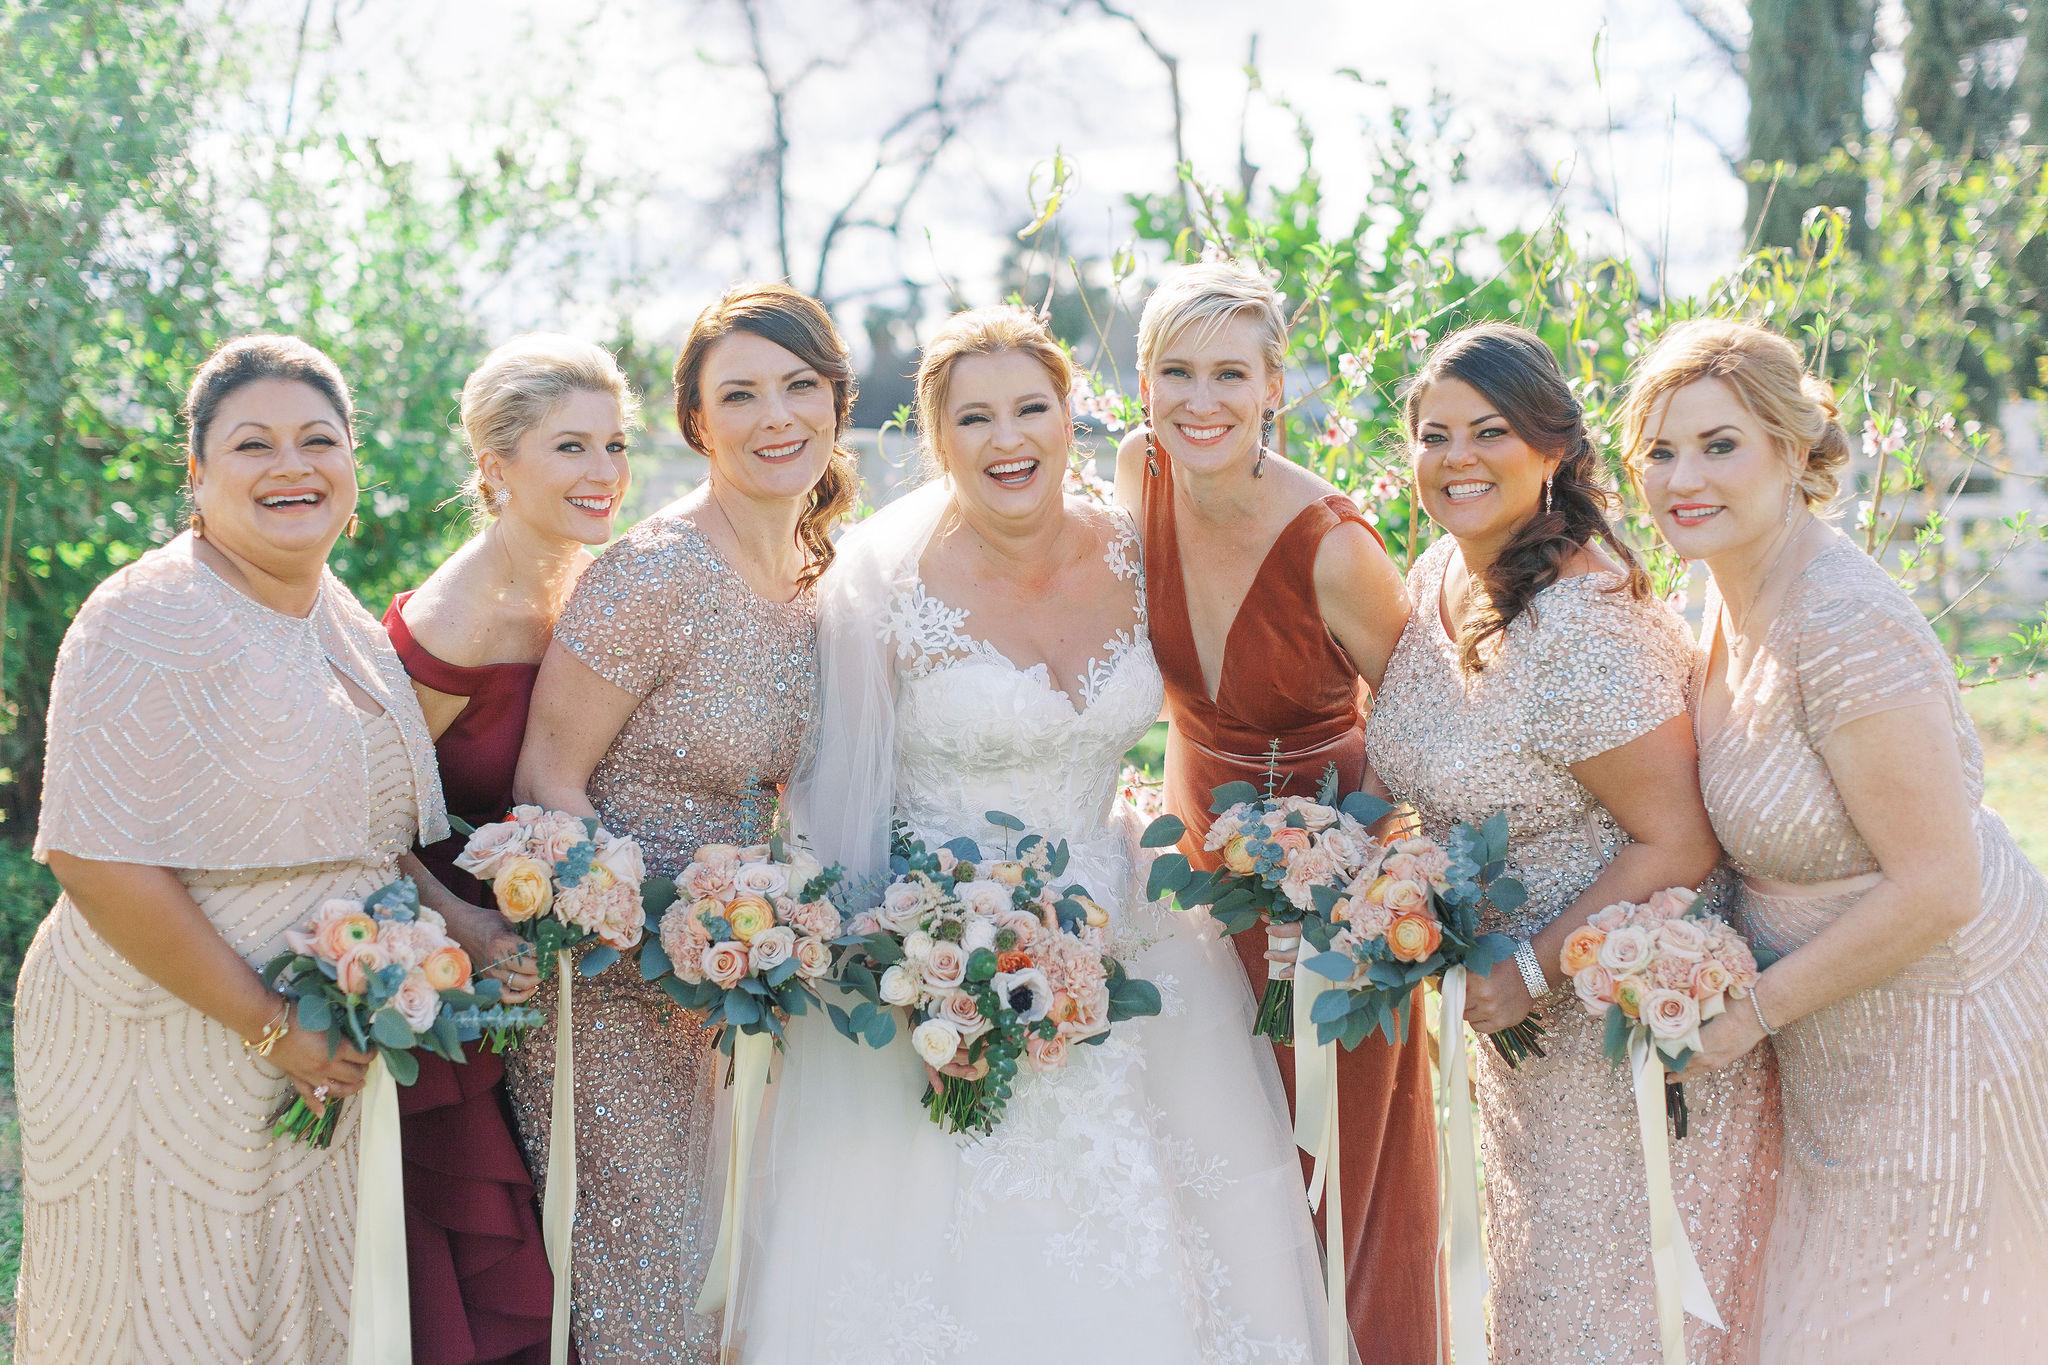 Farm-South-Mountain-Outdoor-Wedding-Mesa-Gilbert-Arizona-1133.jpg